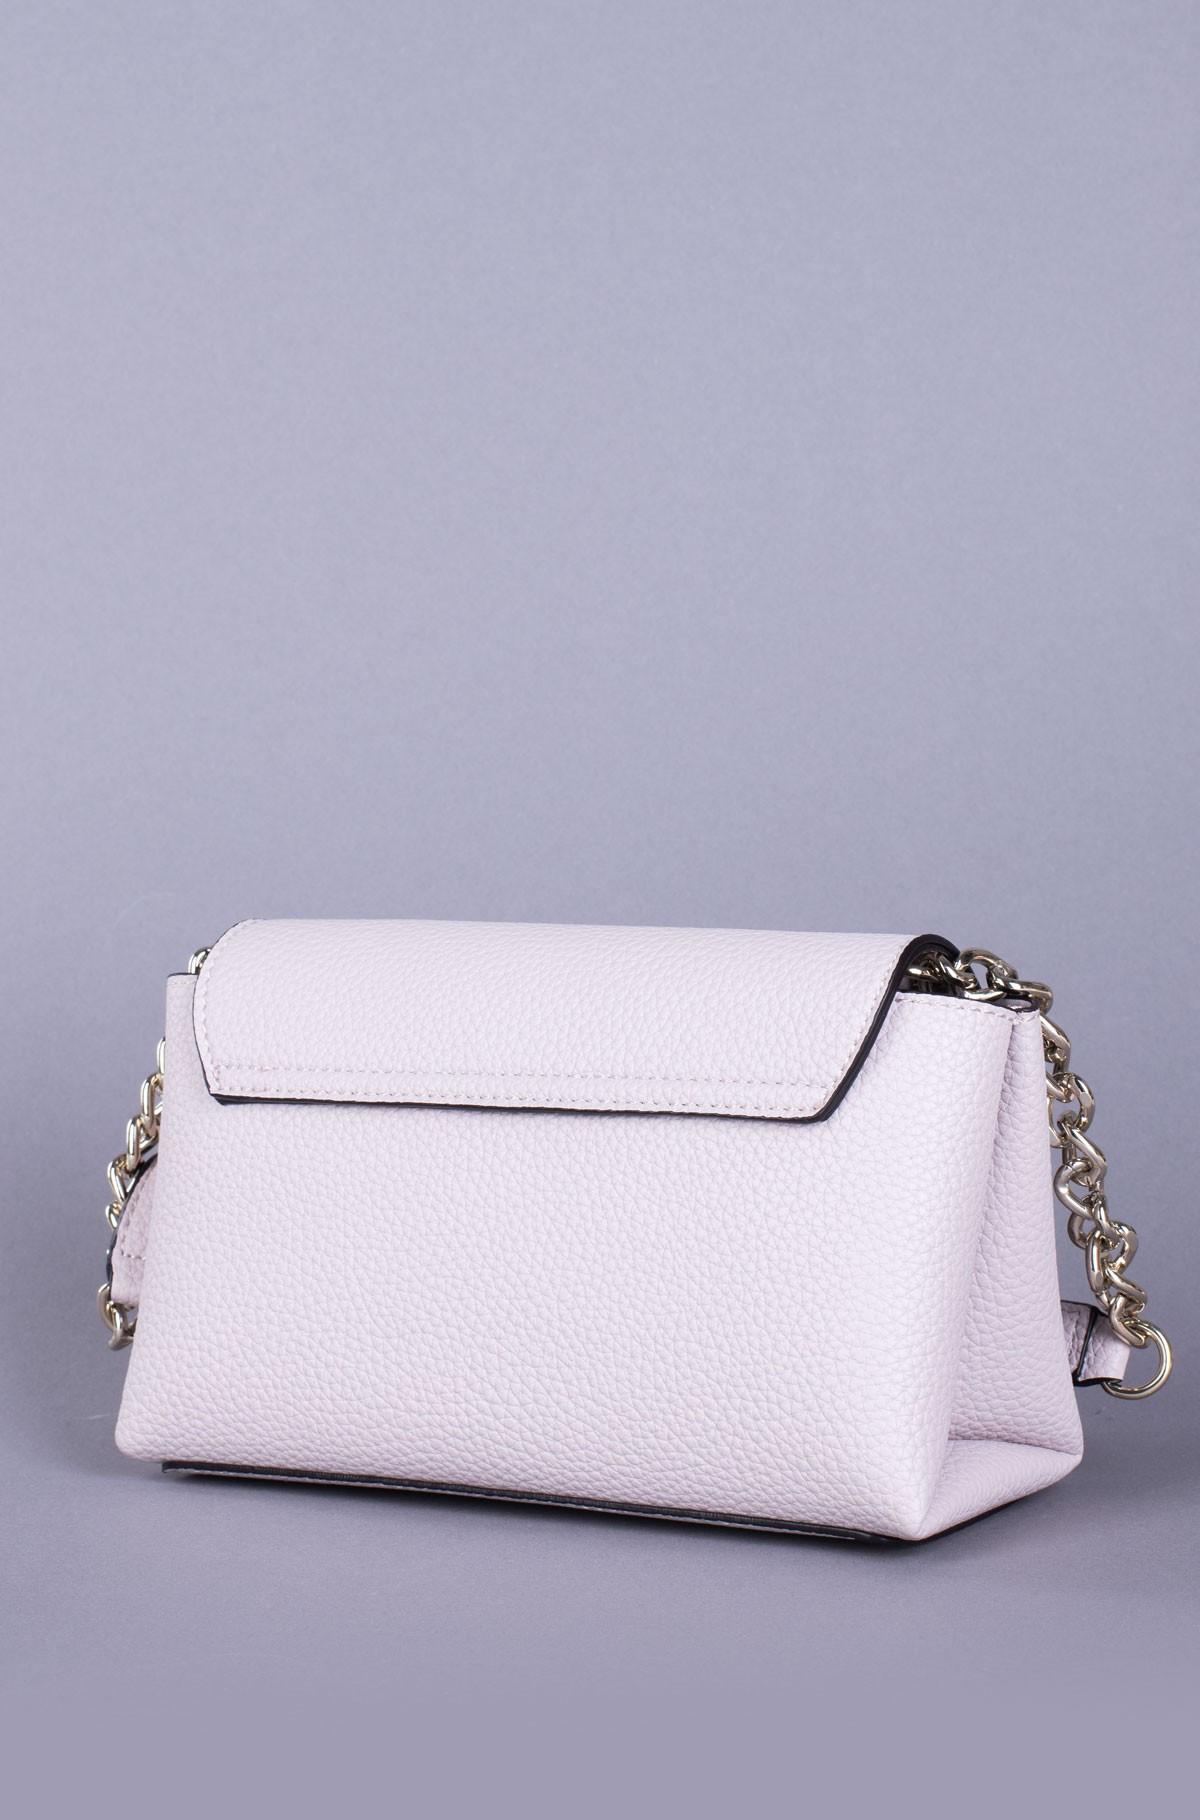 Shoulder bag HWVG73 01780-full-2